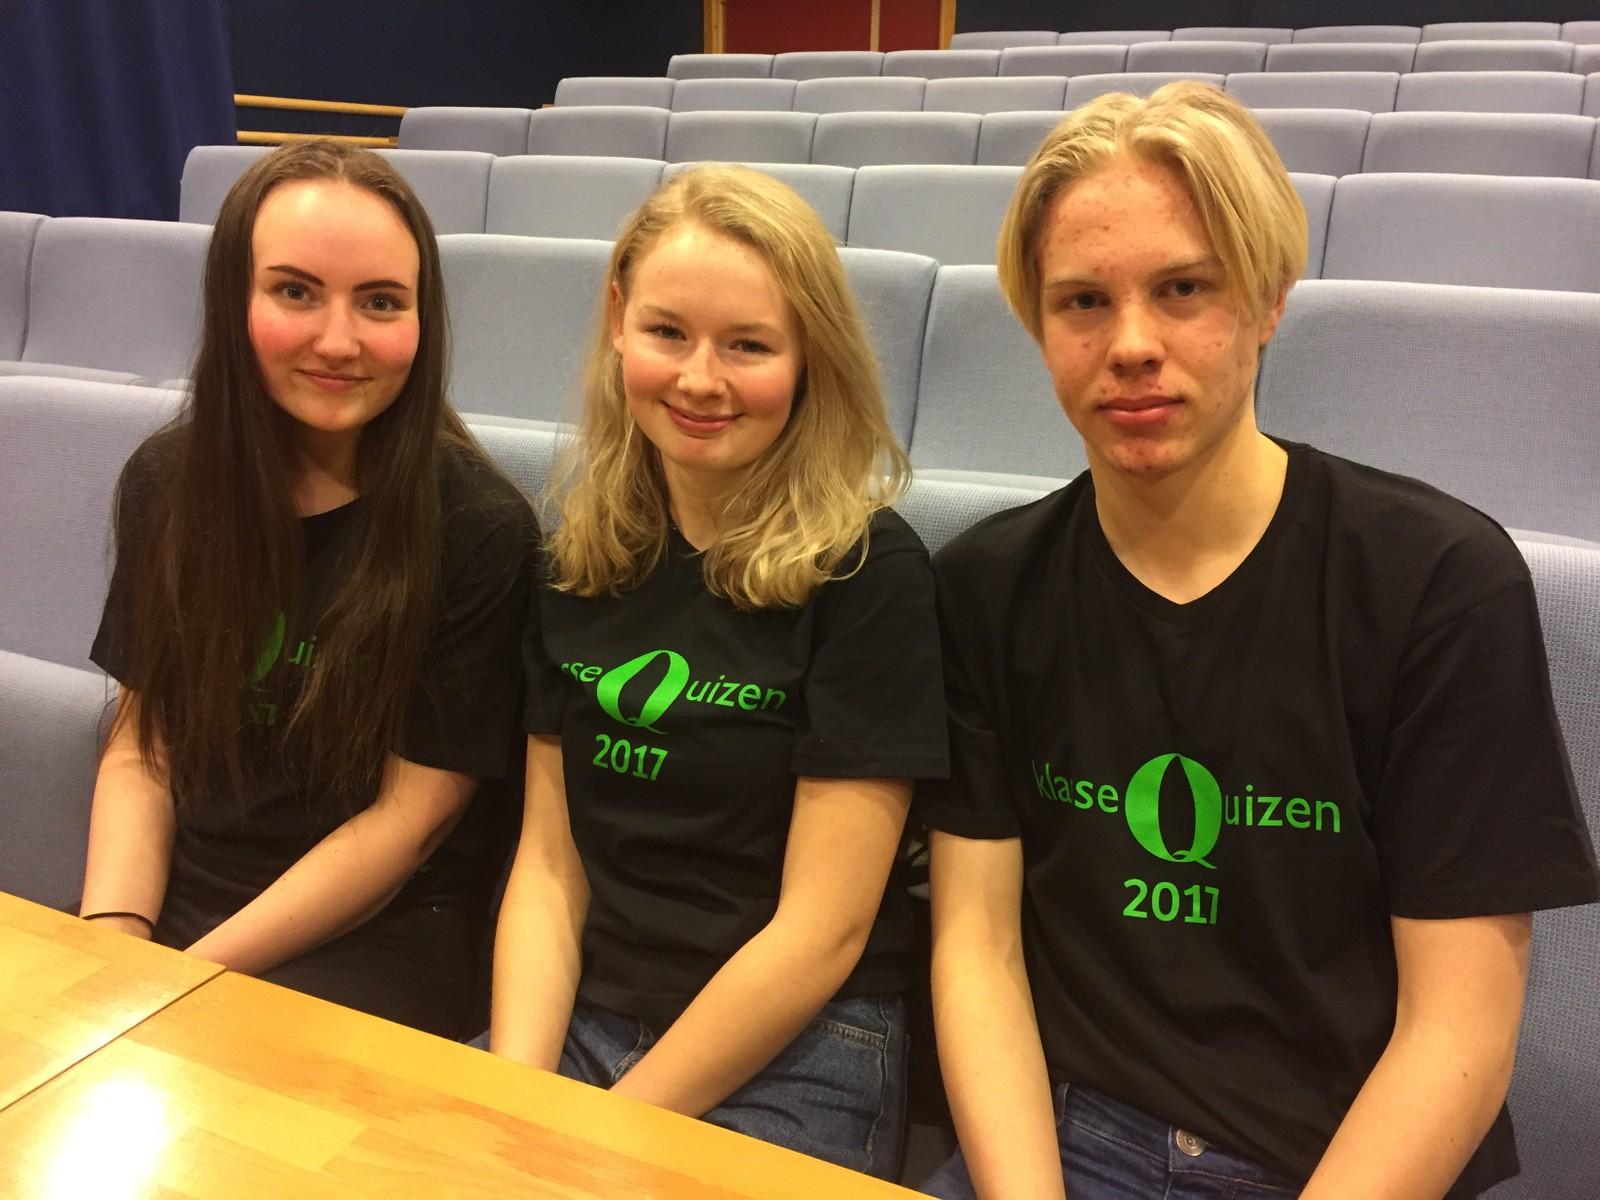 Ingrid Ramen, Marie Tofte Elvestad og Vebjørn Harstad Jensvoll fra Vinstra ungdomsskole